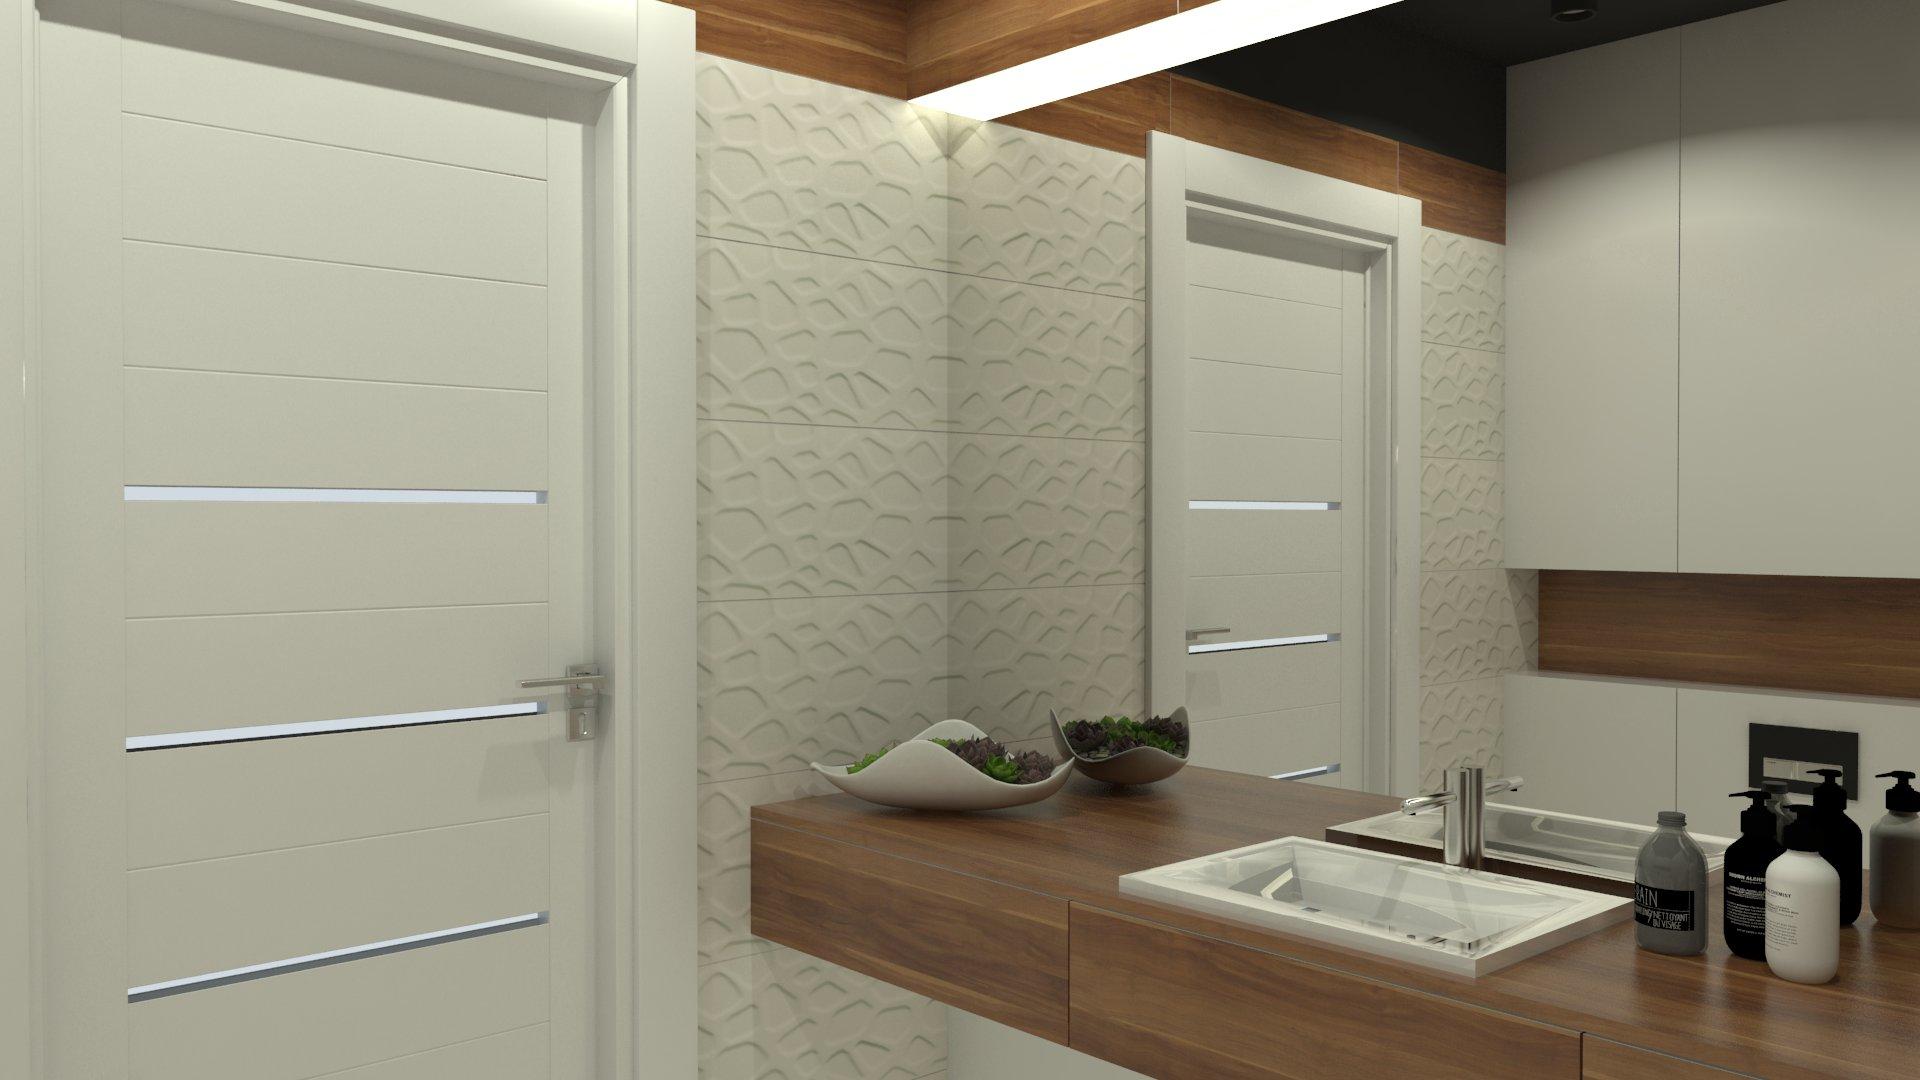 Pretekst nowoczesnej łazienki z czarnym sufitem od studia novoaRT zajmującego się projektowaniem i aranżacją wnętrz